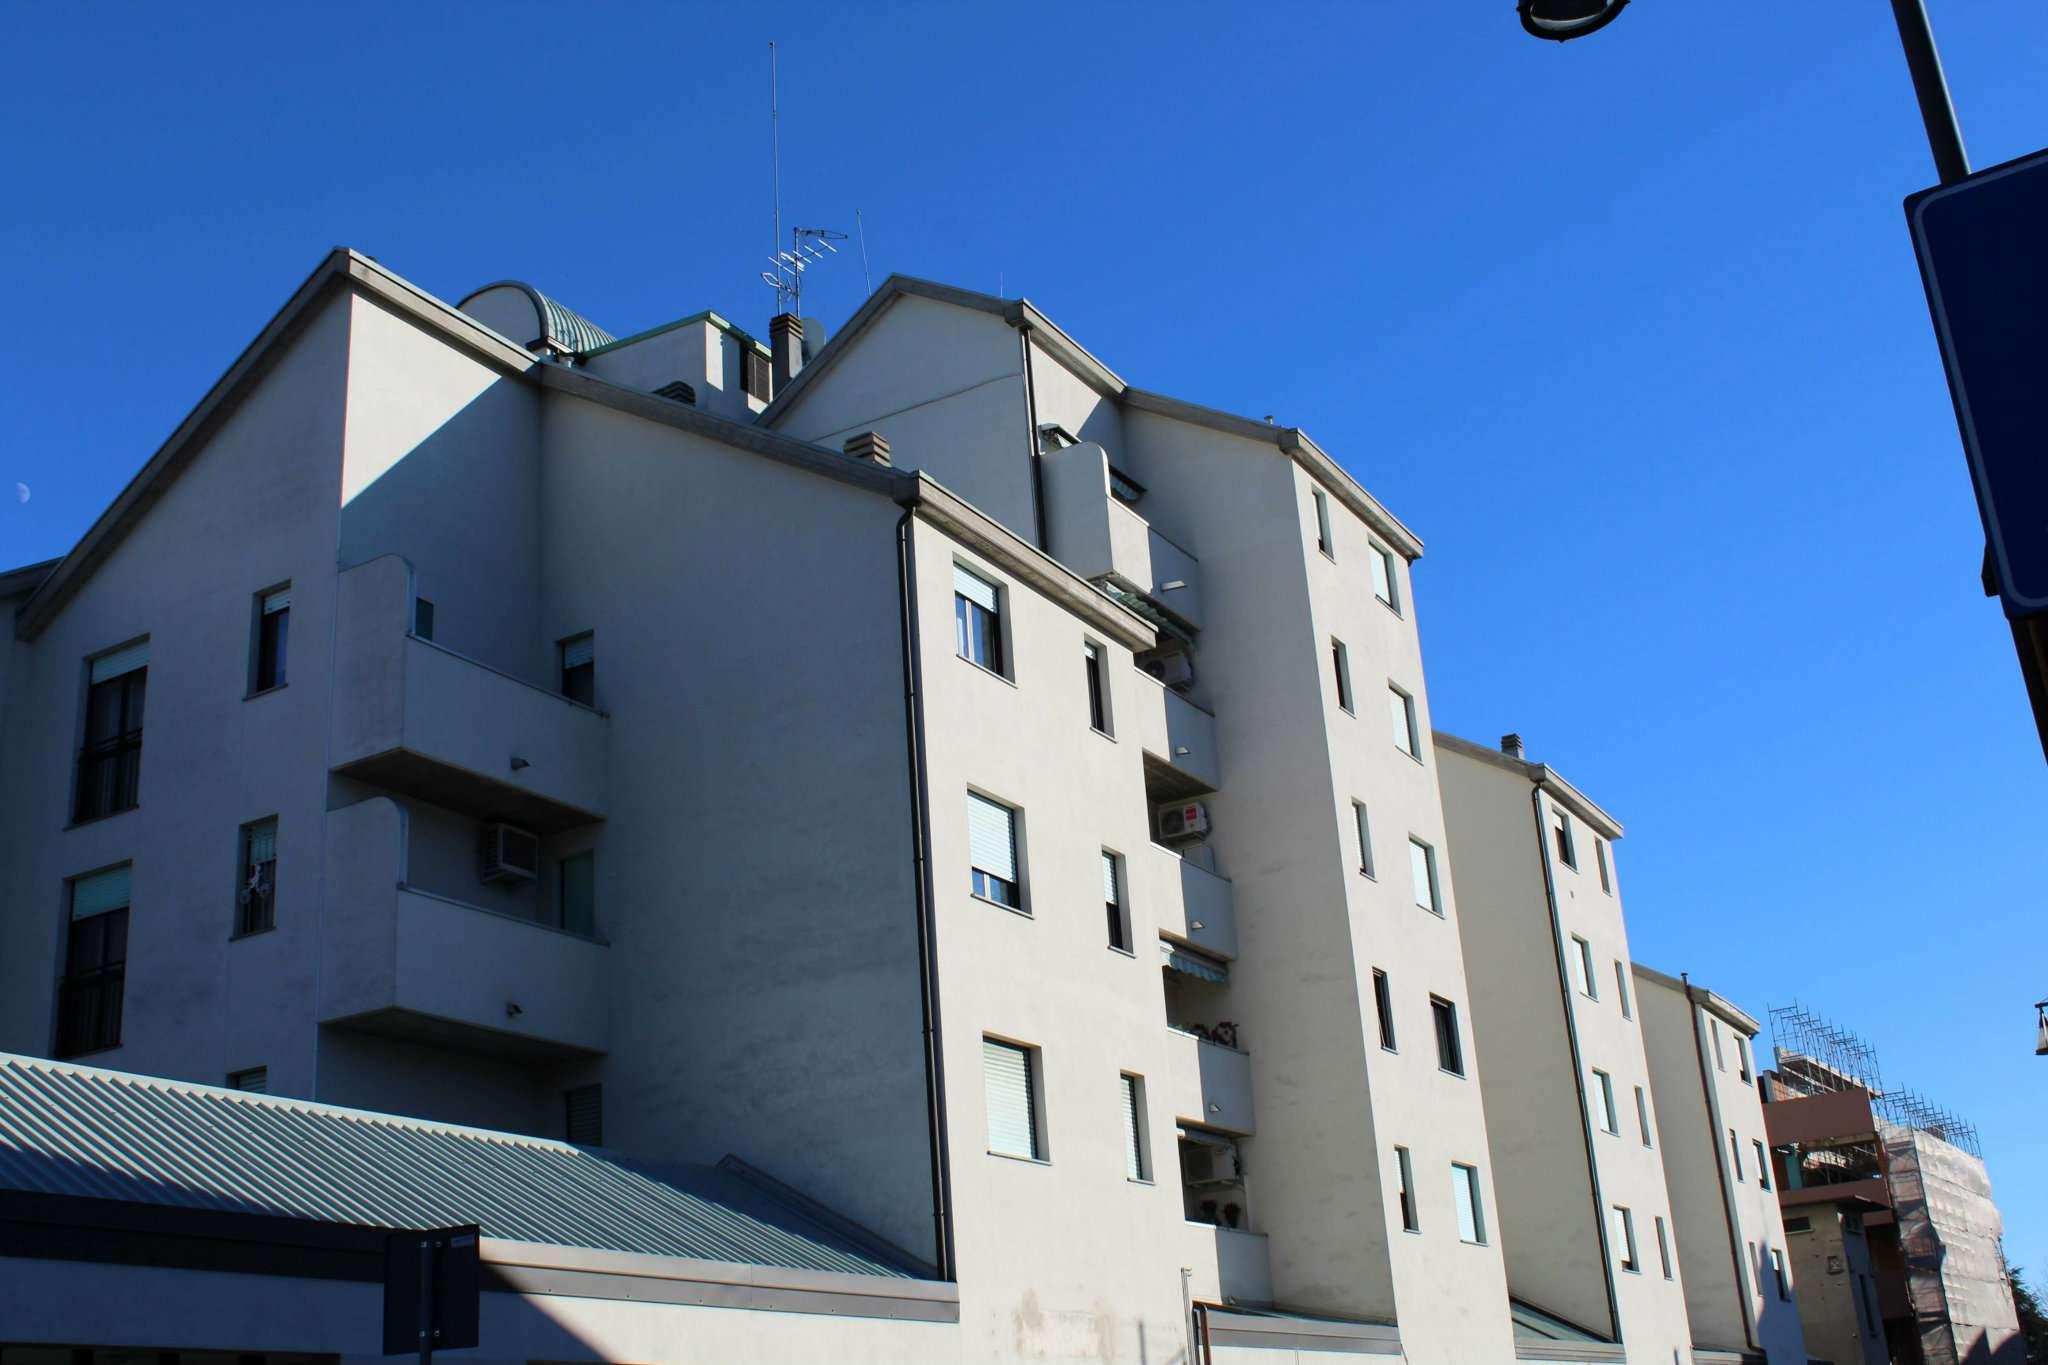 Appartamento in vendita a Treviglio, 3 locali, prezzo € 148.000 | PortaleAgenzieImmobiliari.it